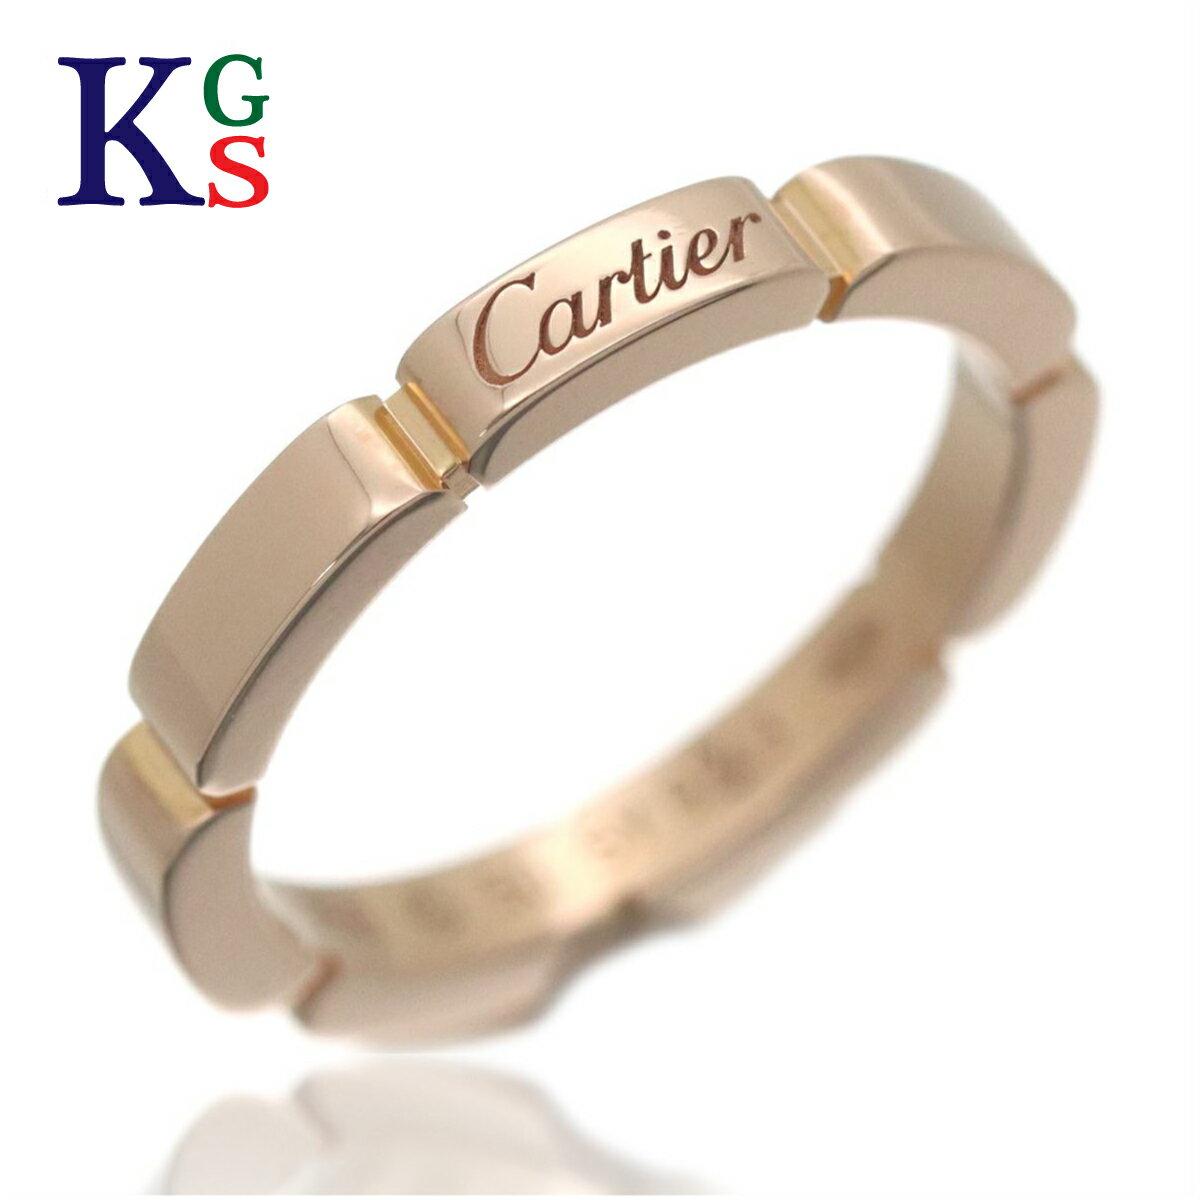 レディースジュエリー・アクセサリー, 指輪・リング 4-23Cartier K18PG B4079800